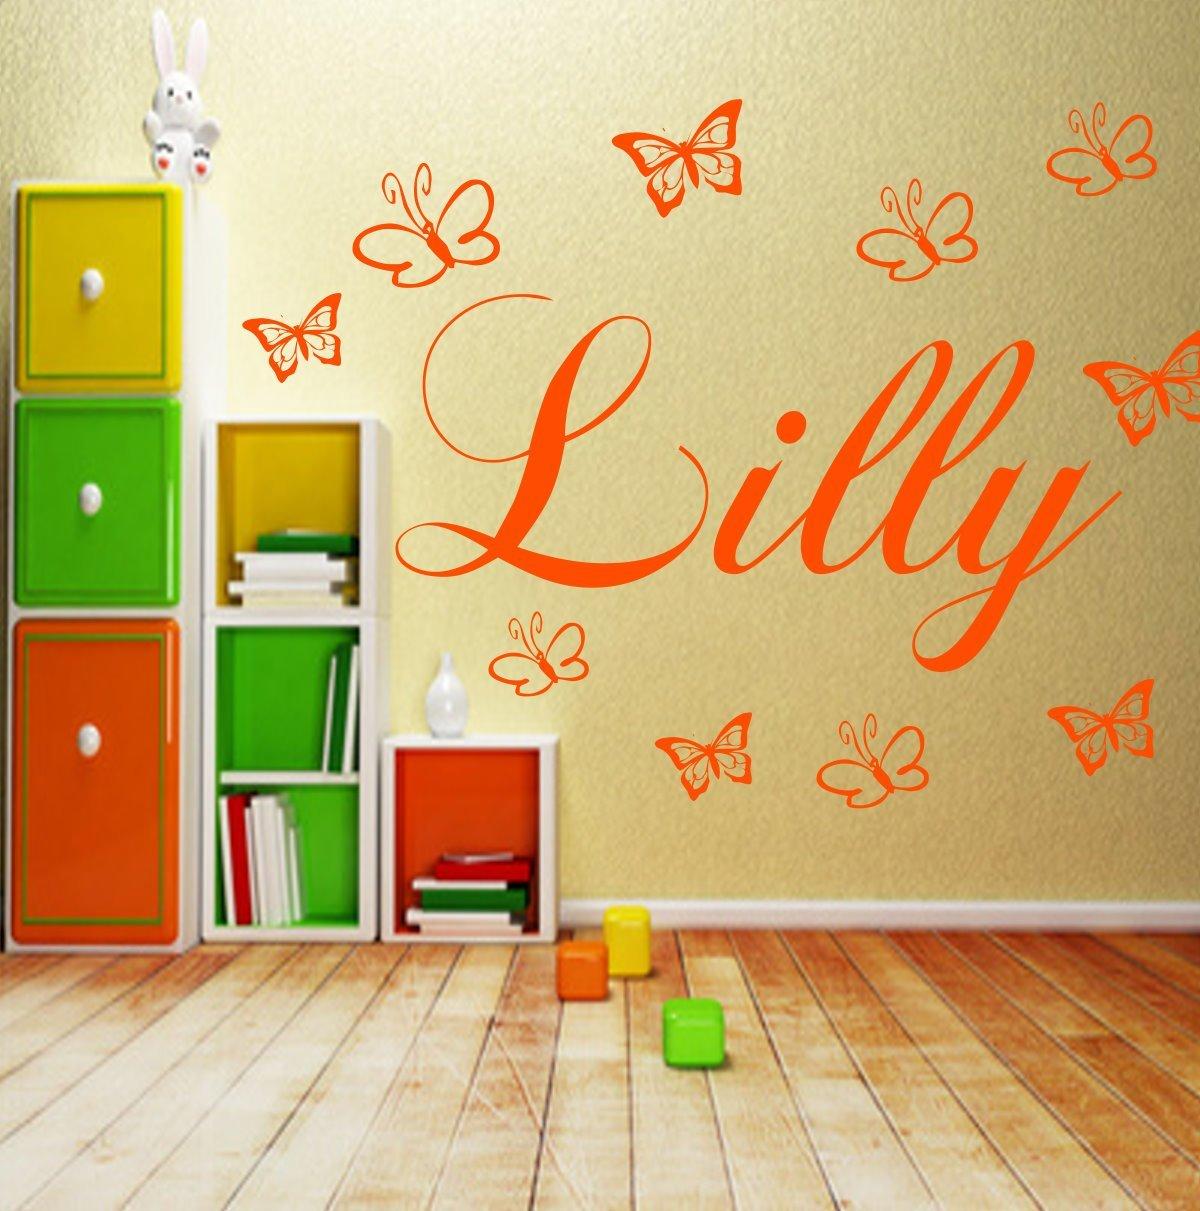 Wandtattoo Kinderzimmer Personalisiert Wunsch Namen Mit 10 Schmetterlingen Jungen Madchen Wandaufkleber Baby Anfertigung 21 Farben Kinderzimmer Baby